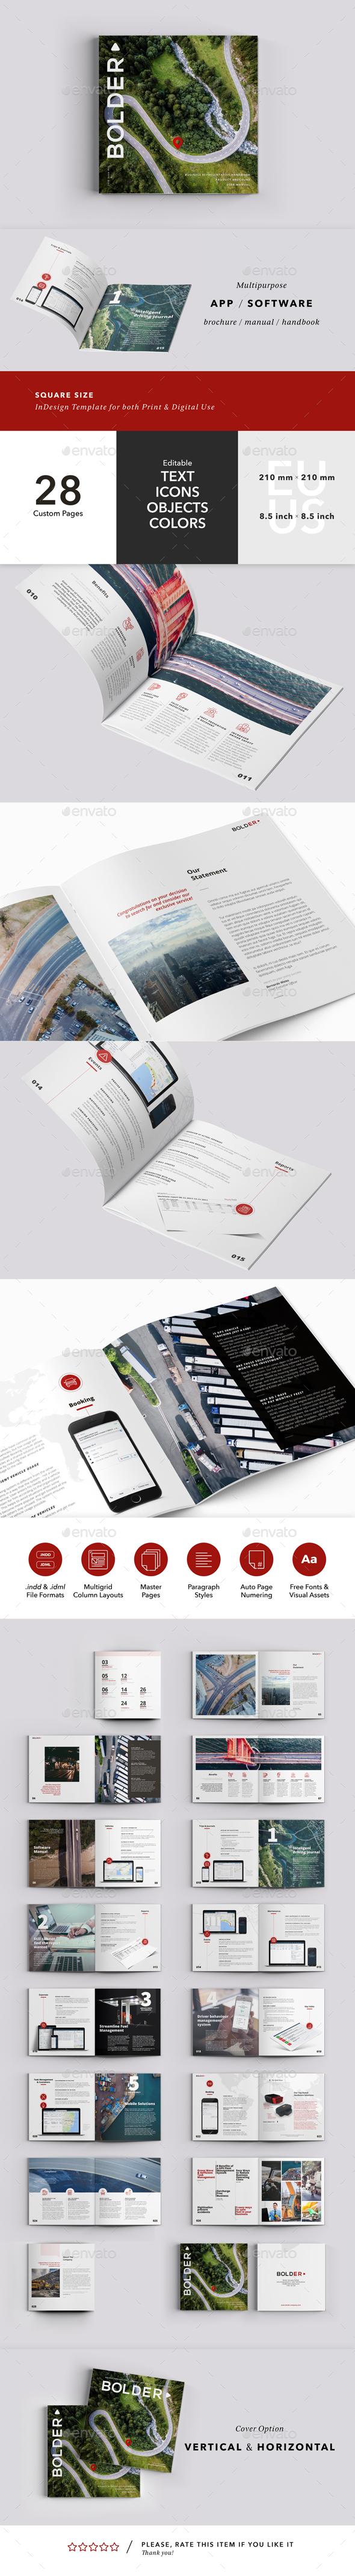 Multipurpose Brochure / Manual Perfect for App / Software